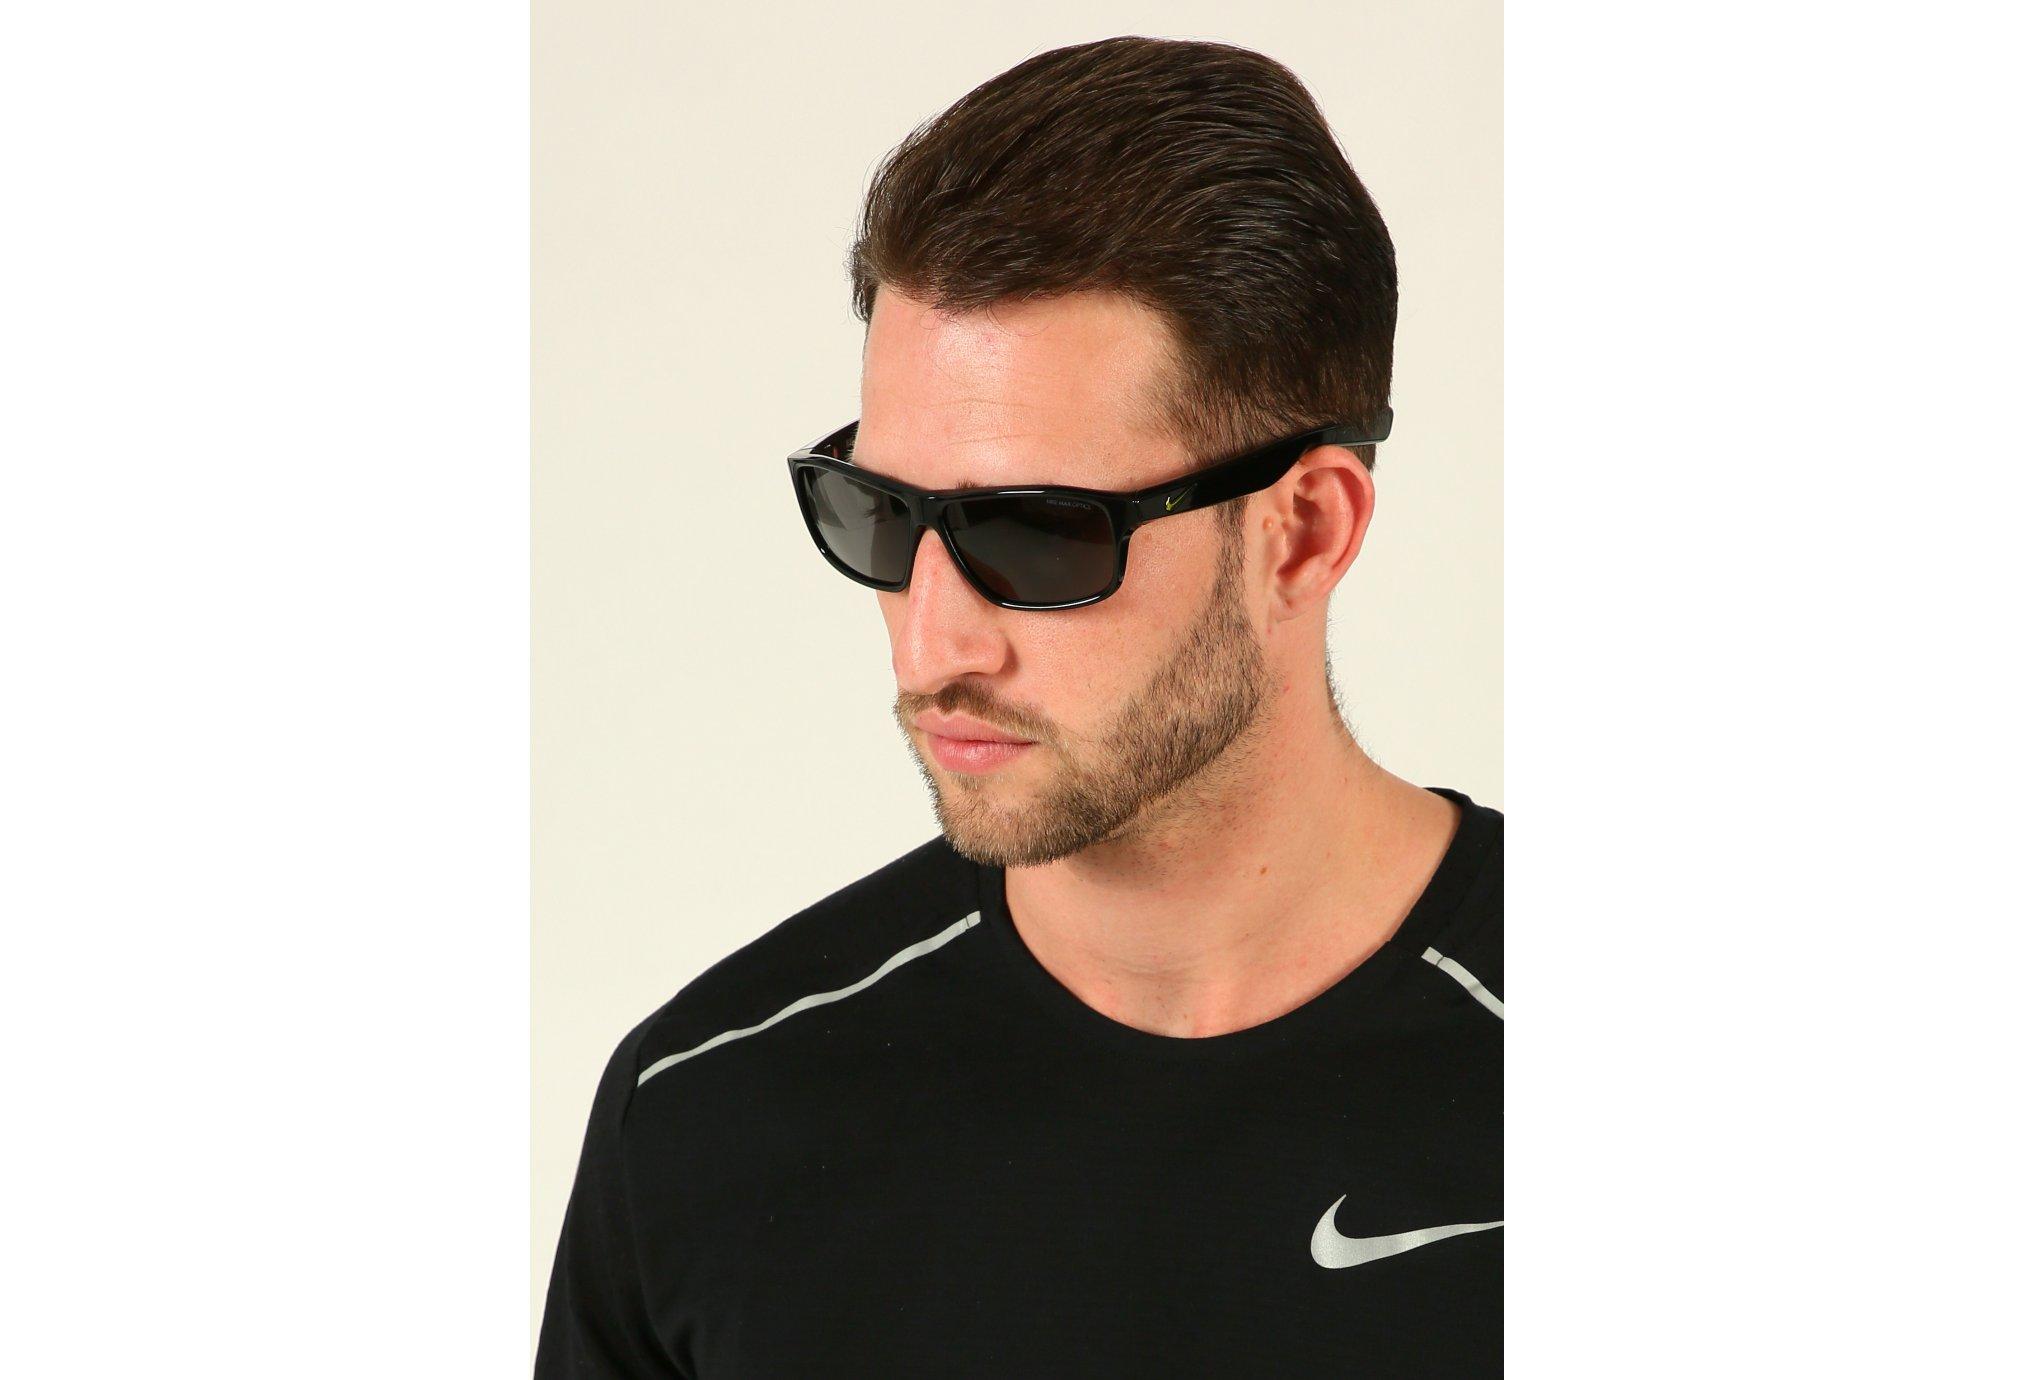 Nike Lunettes de soleil Premier 6.0 Diététique Accessoires